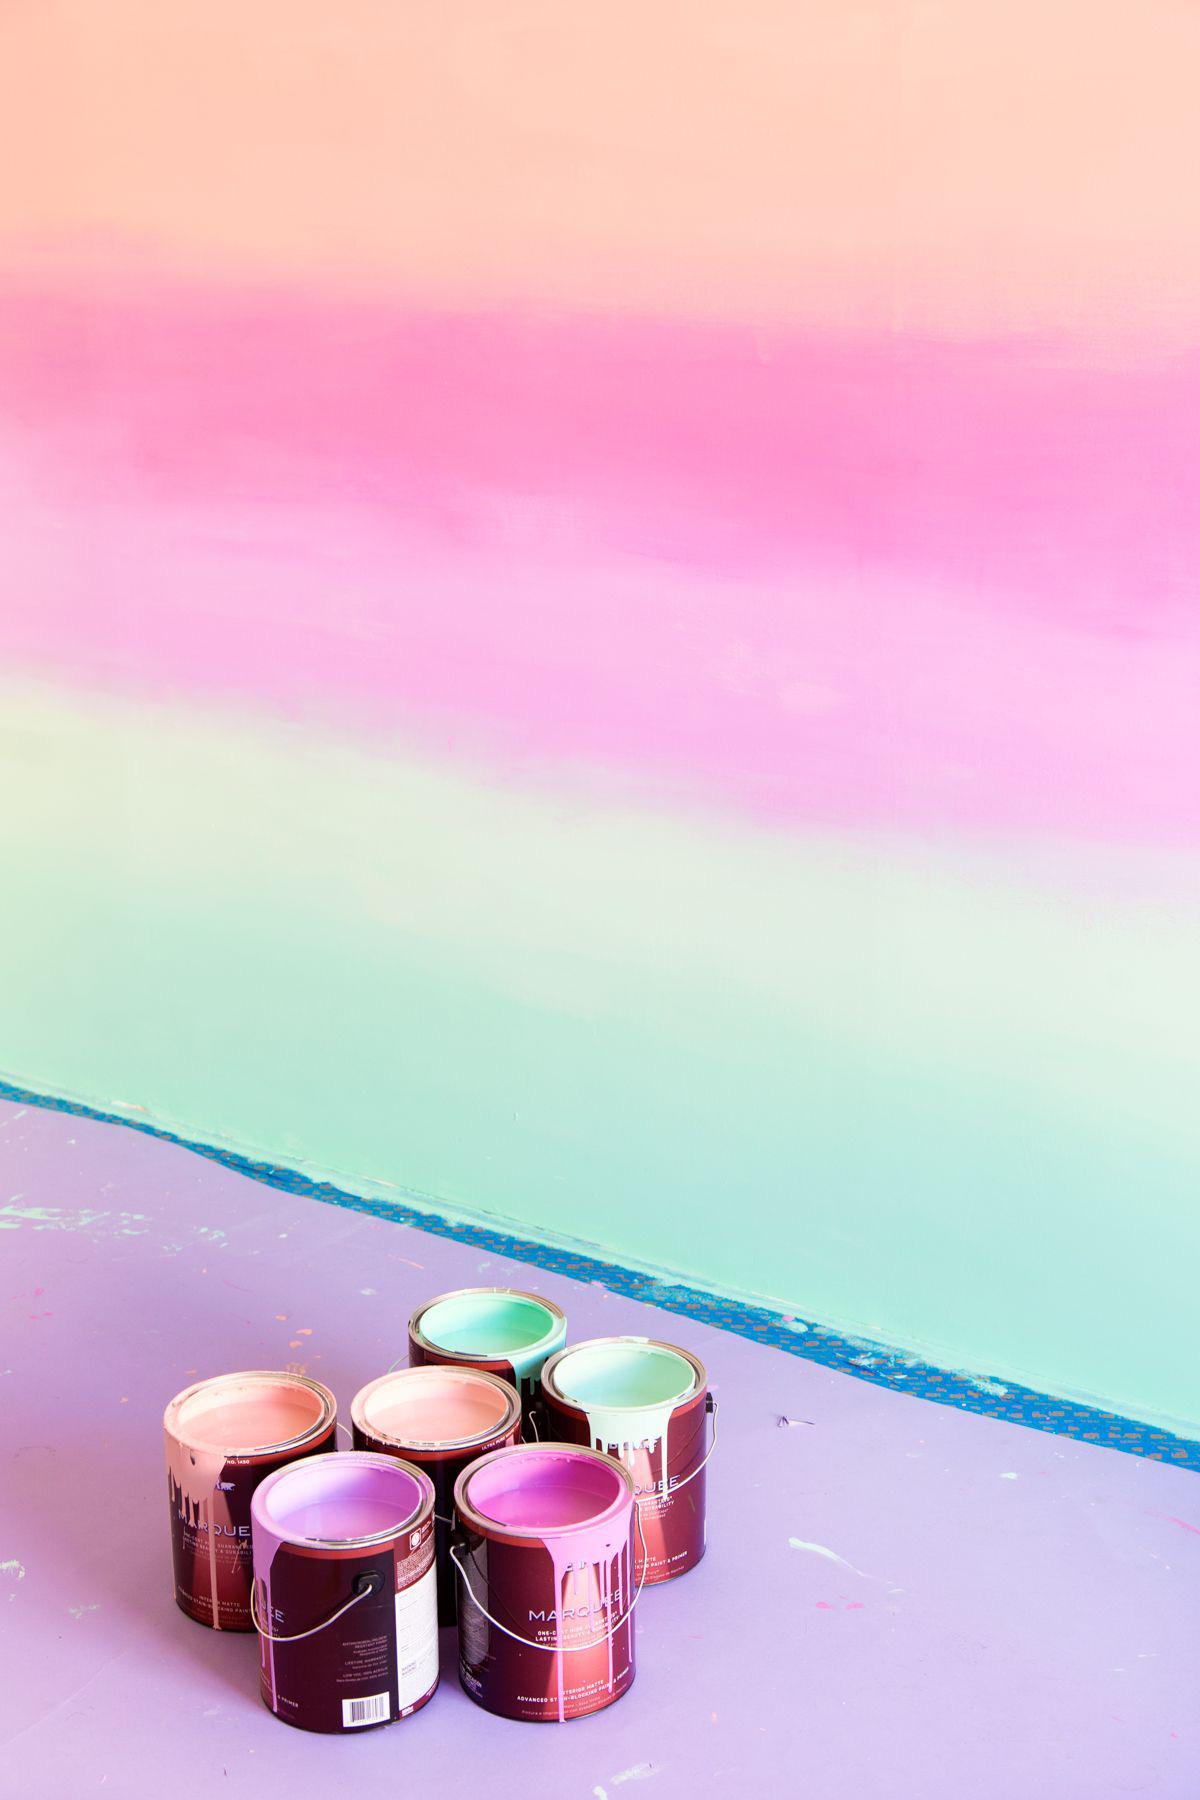 Nhẹ nhàng, thanh lịch nhưng không hề tẻ nhạt: hãy sử dụng màu ombre trong việc thiết kế nhà hoặc những góc trang trí ấn tượng - Ảnh 2.